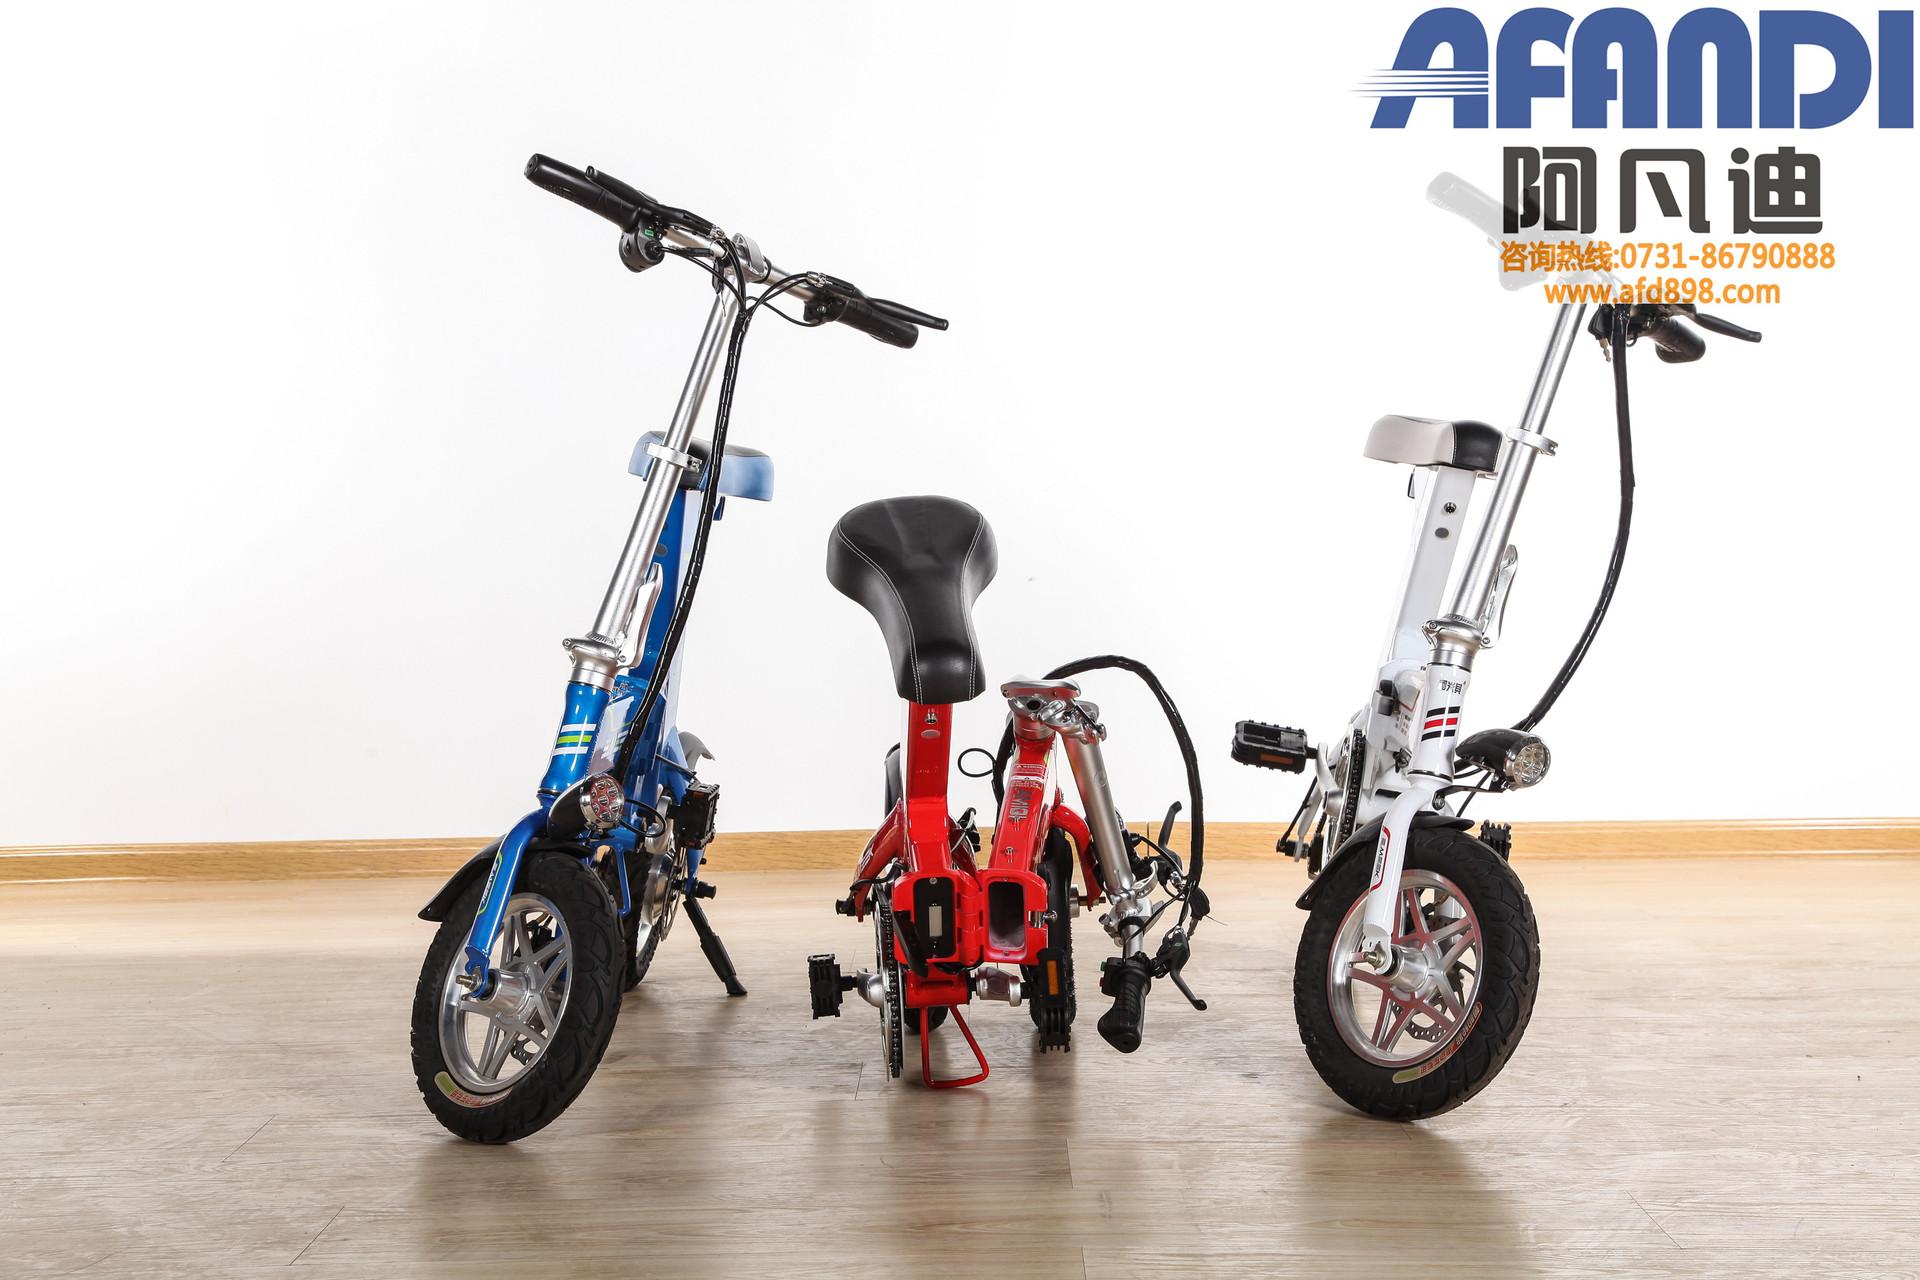 代理加盟电动车哪个性价比好 阿凡迪et折叠电动车技术领先工艺精湛